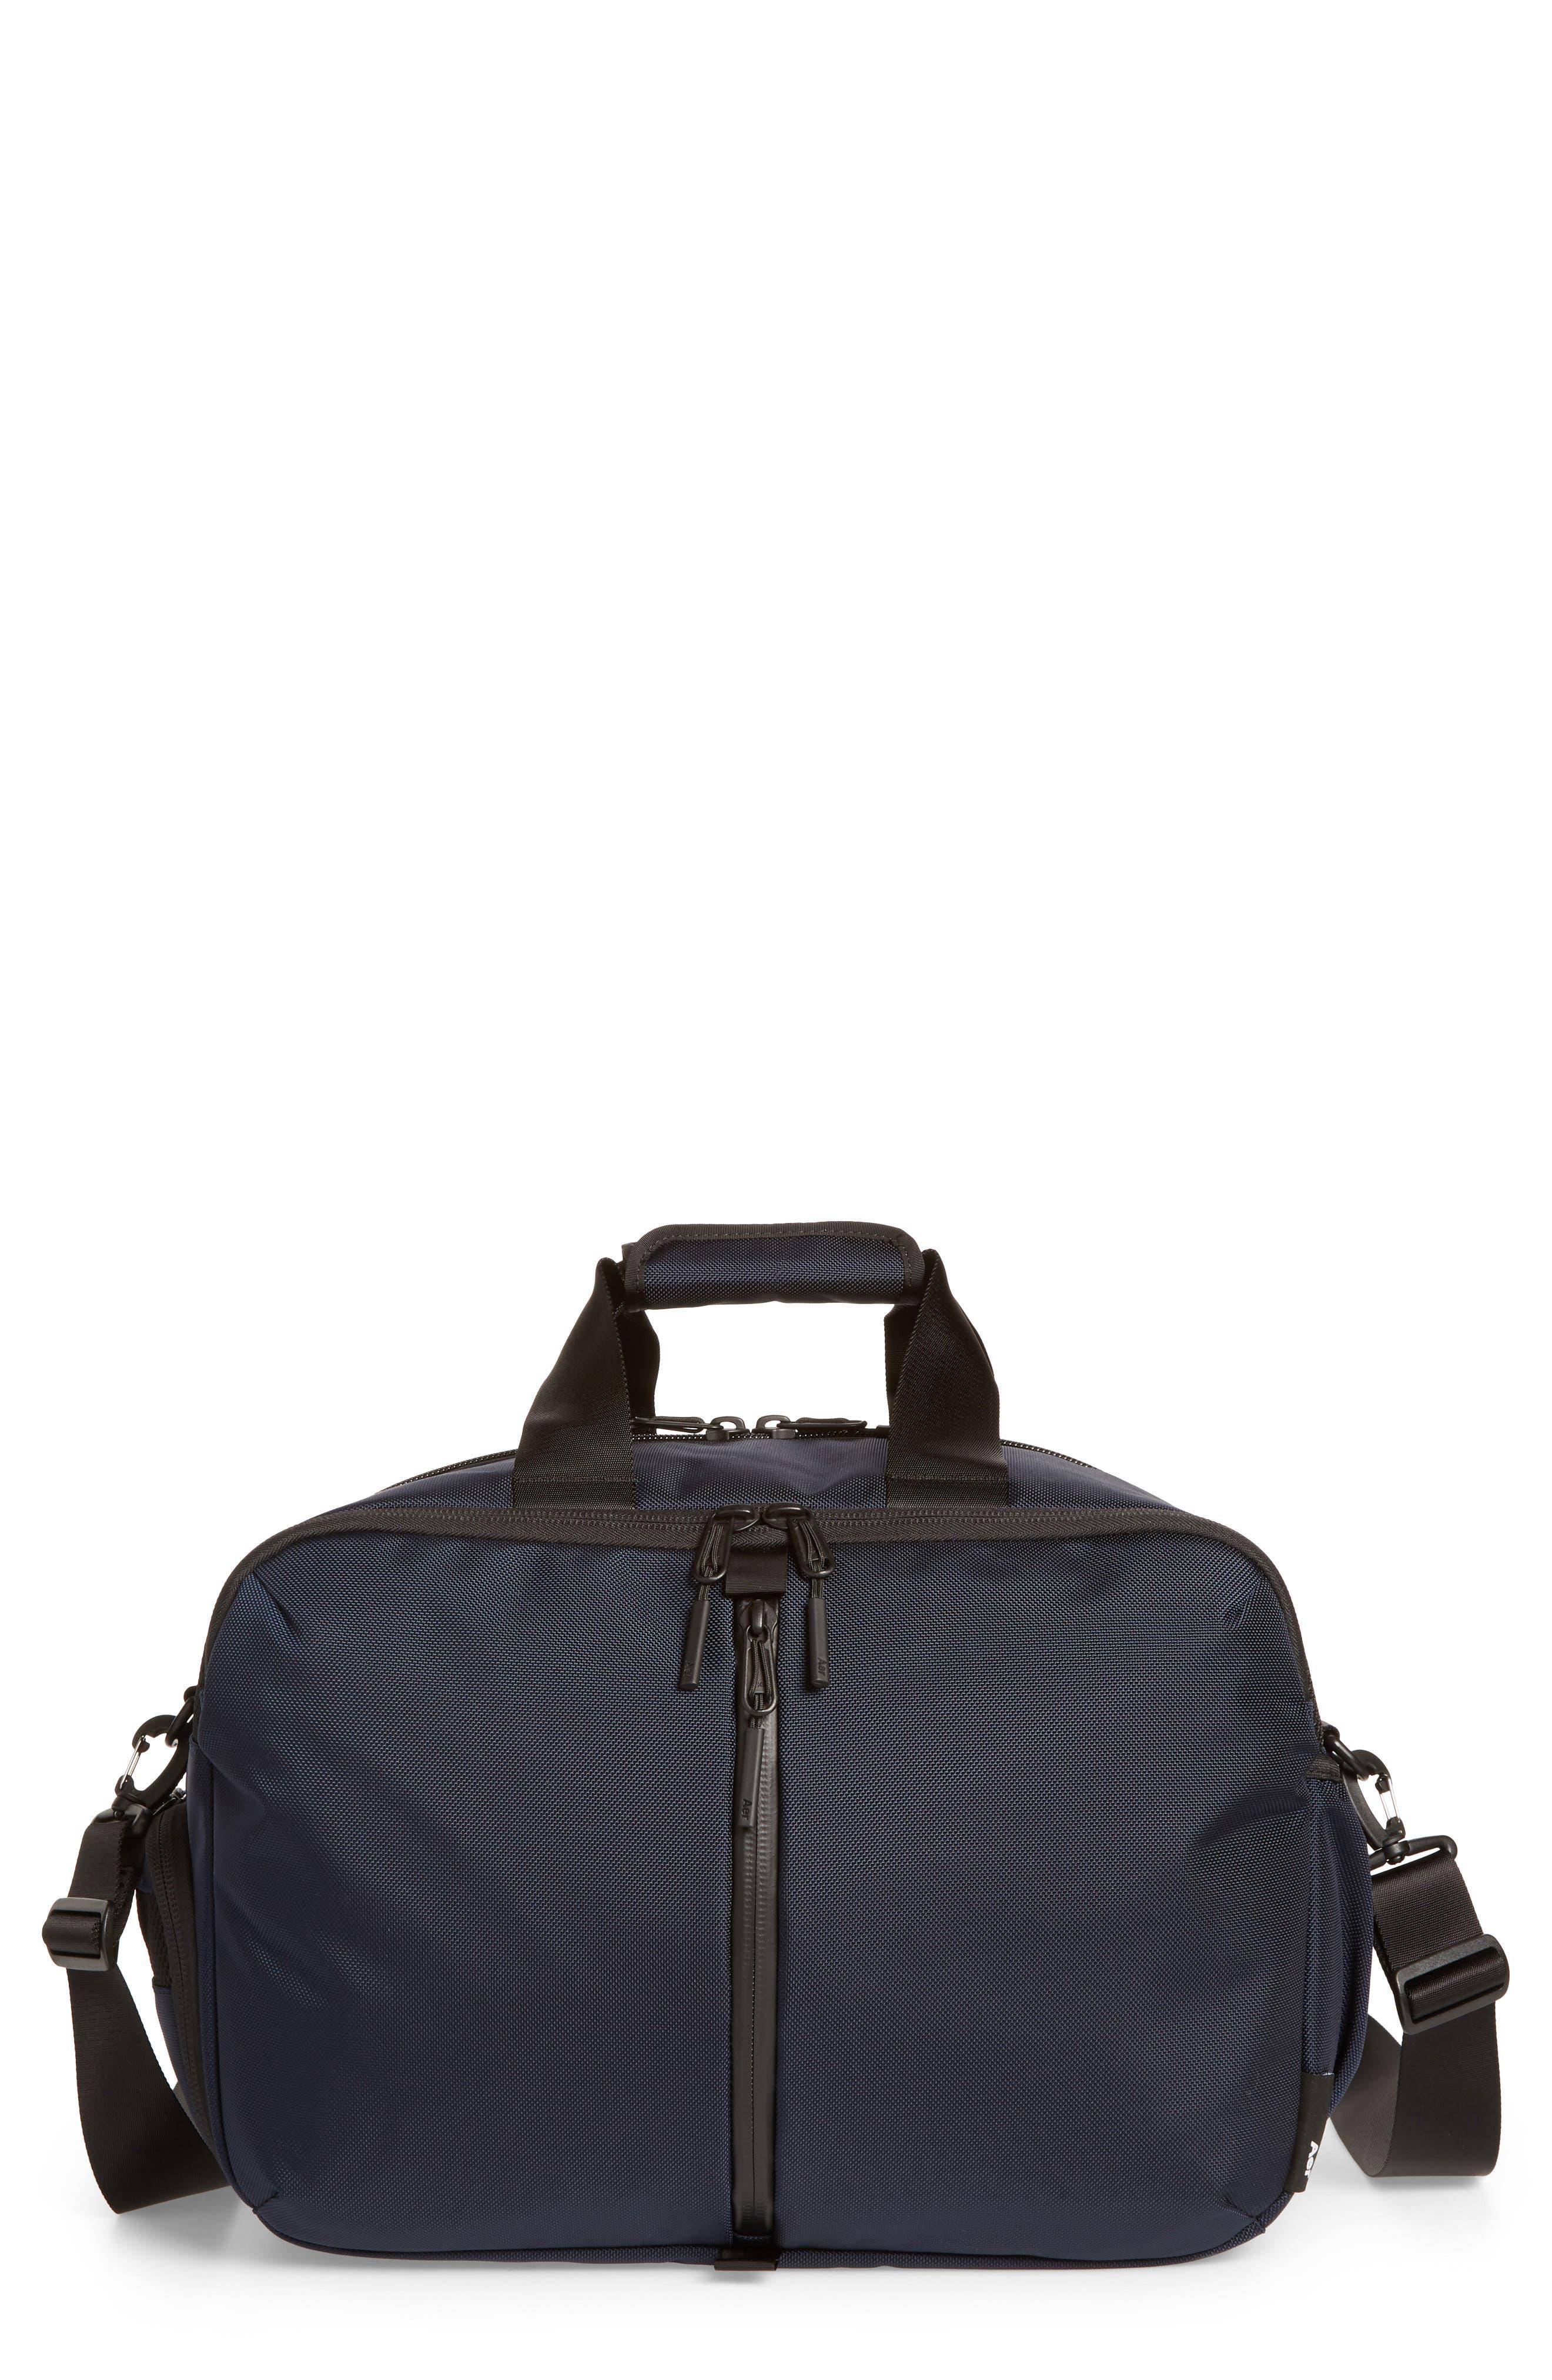 Main Image - Aer Gym Duffel 2 Duffel Bag